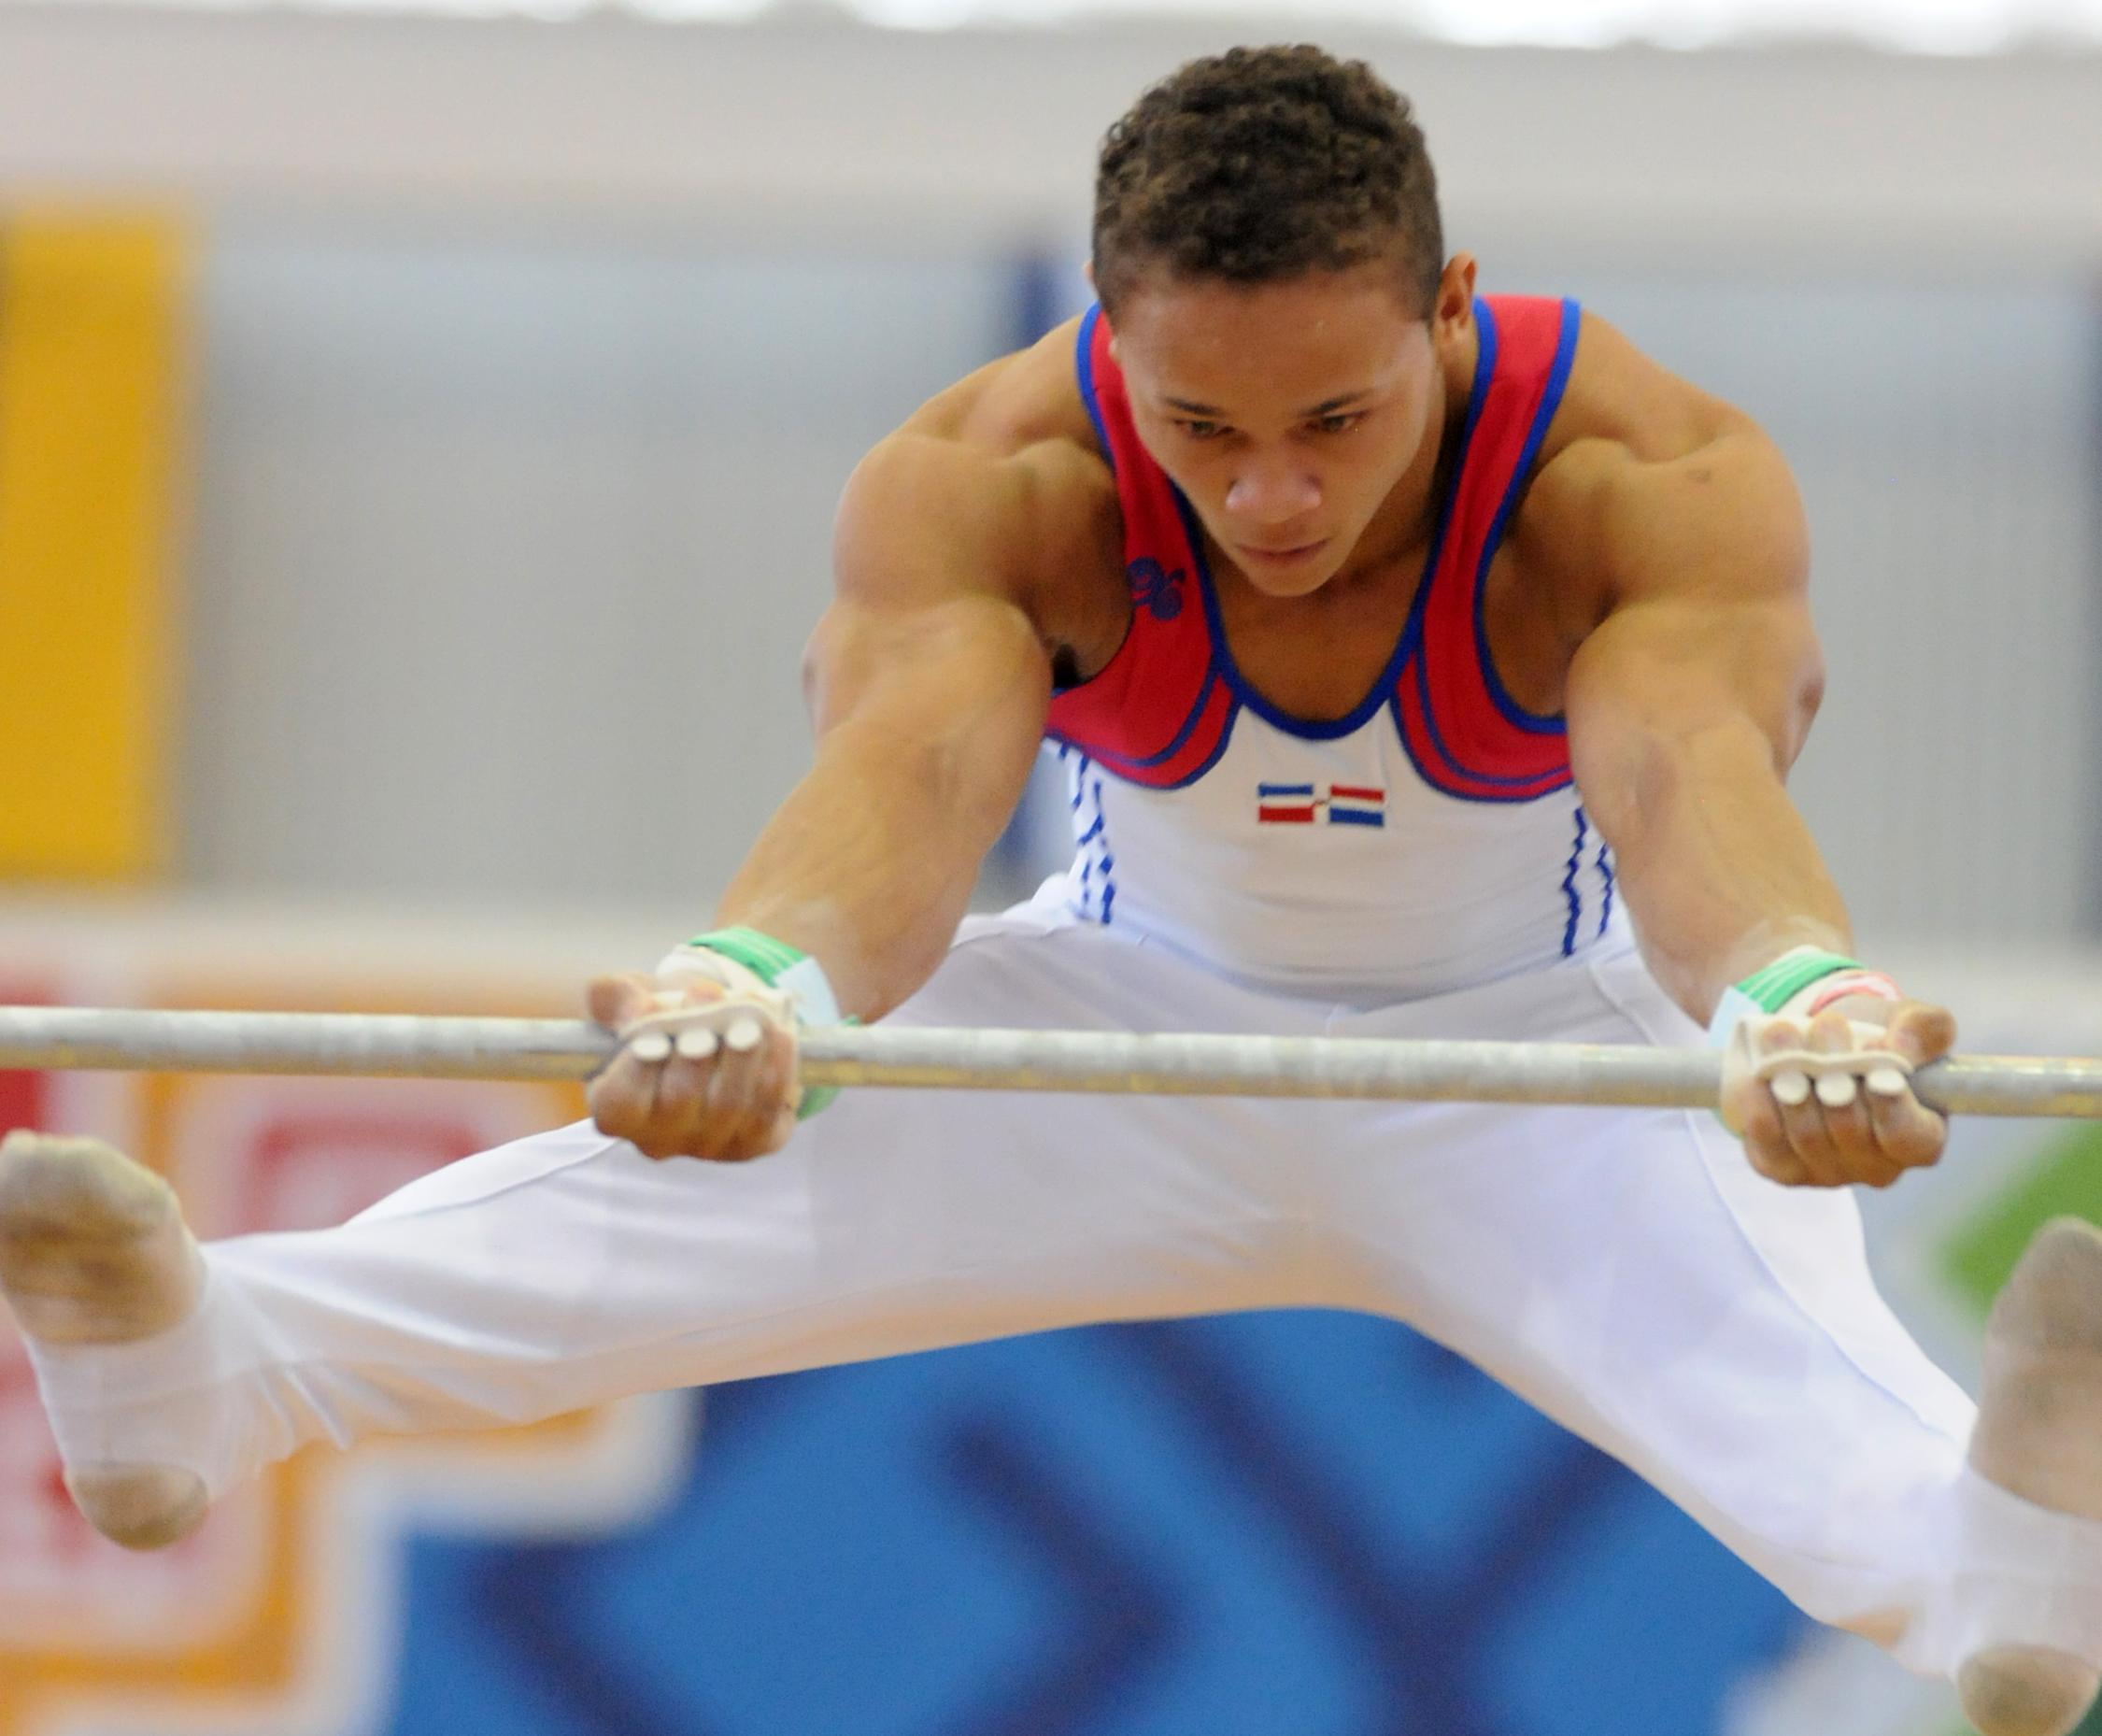 Audrys Nin a las puertas de clasificar a Juegos Olímpicos de Tokio